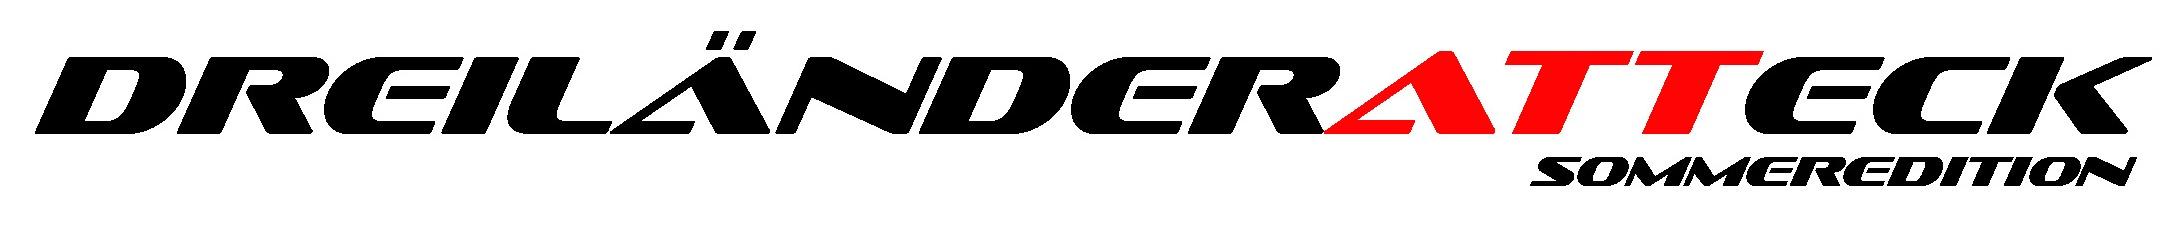 Logo Dreilaendereck></a></div> <figure class=